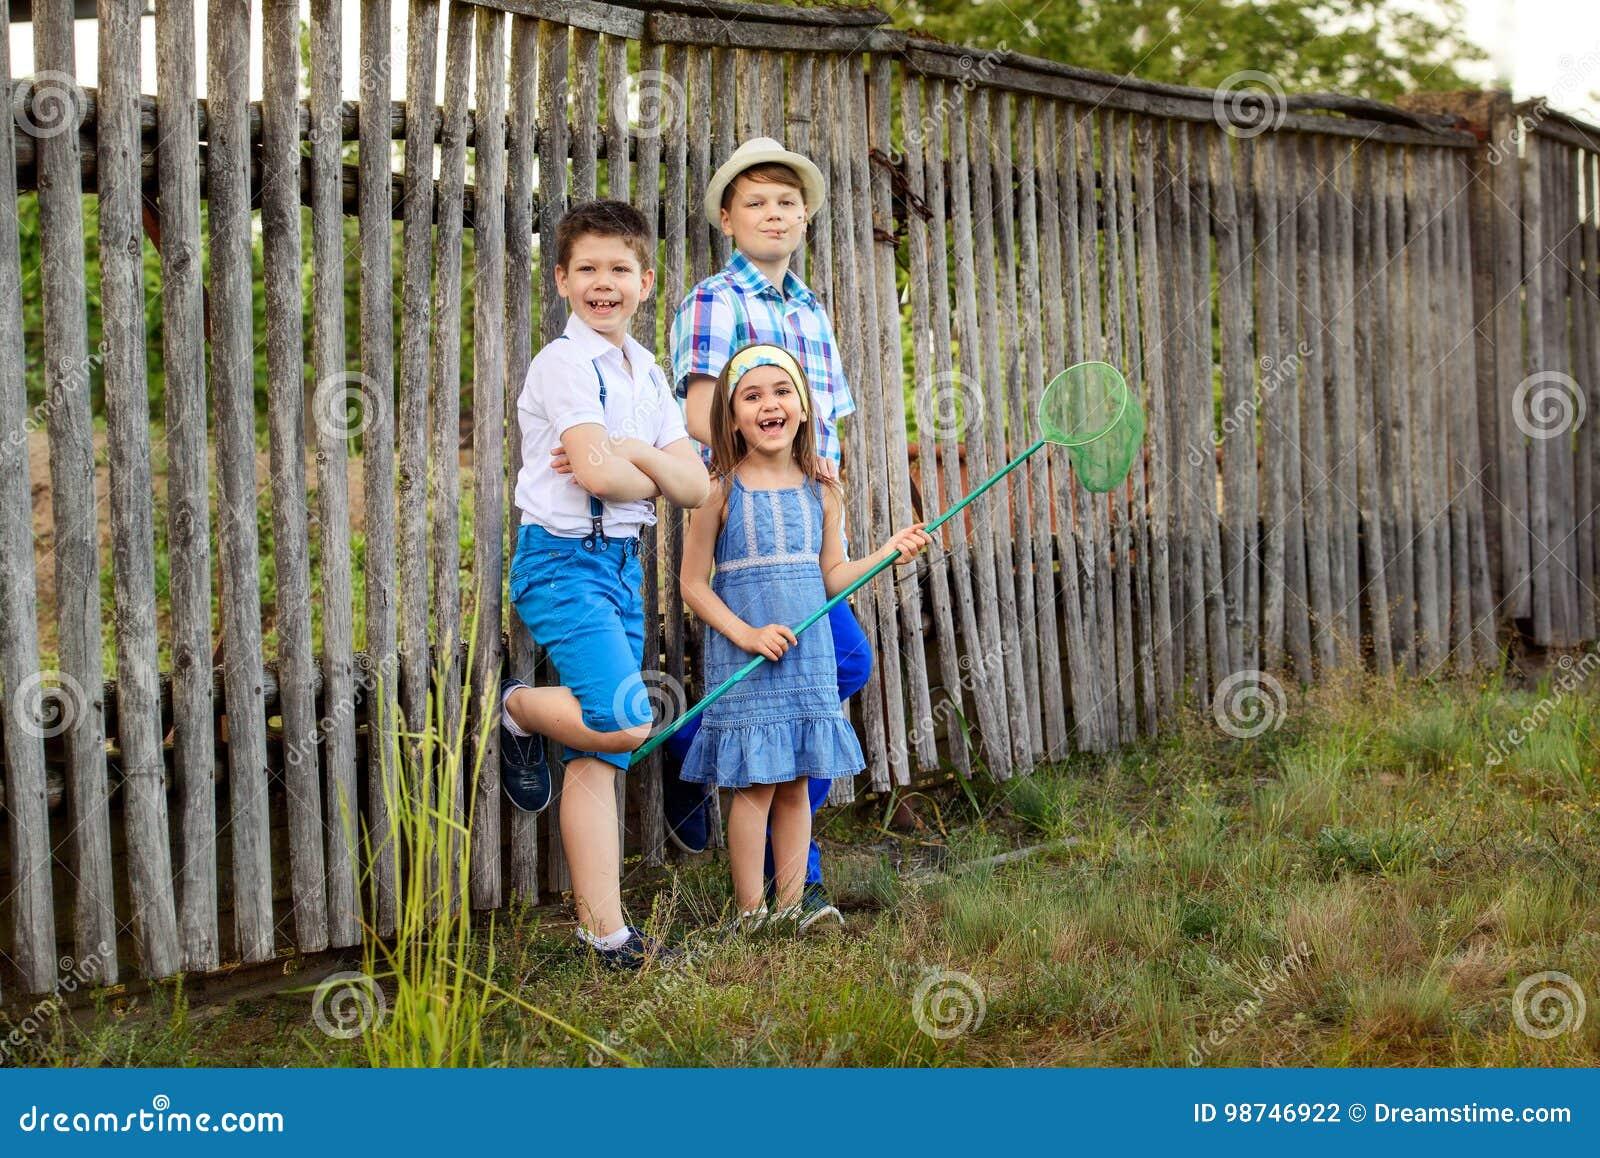 Портрет брата и сестры в деревне